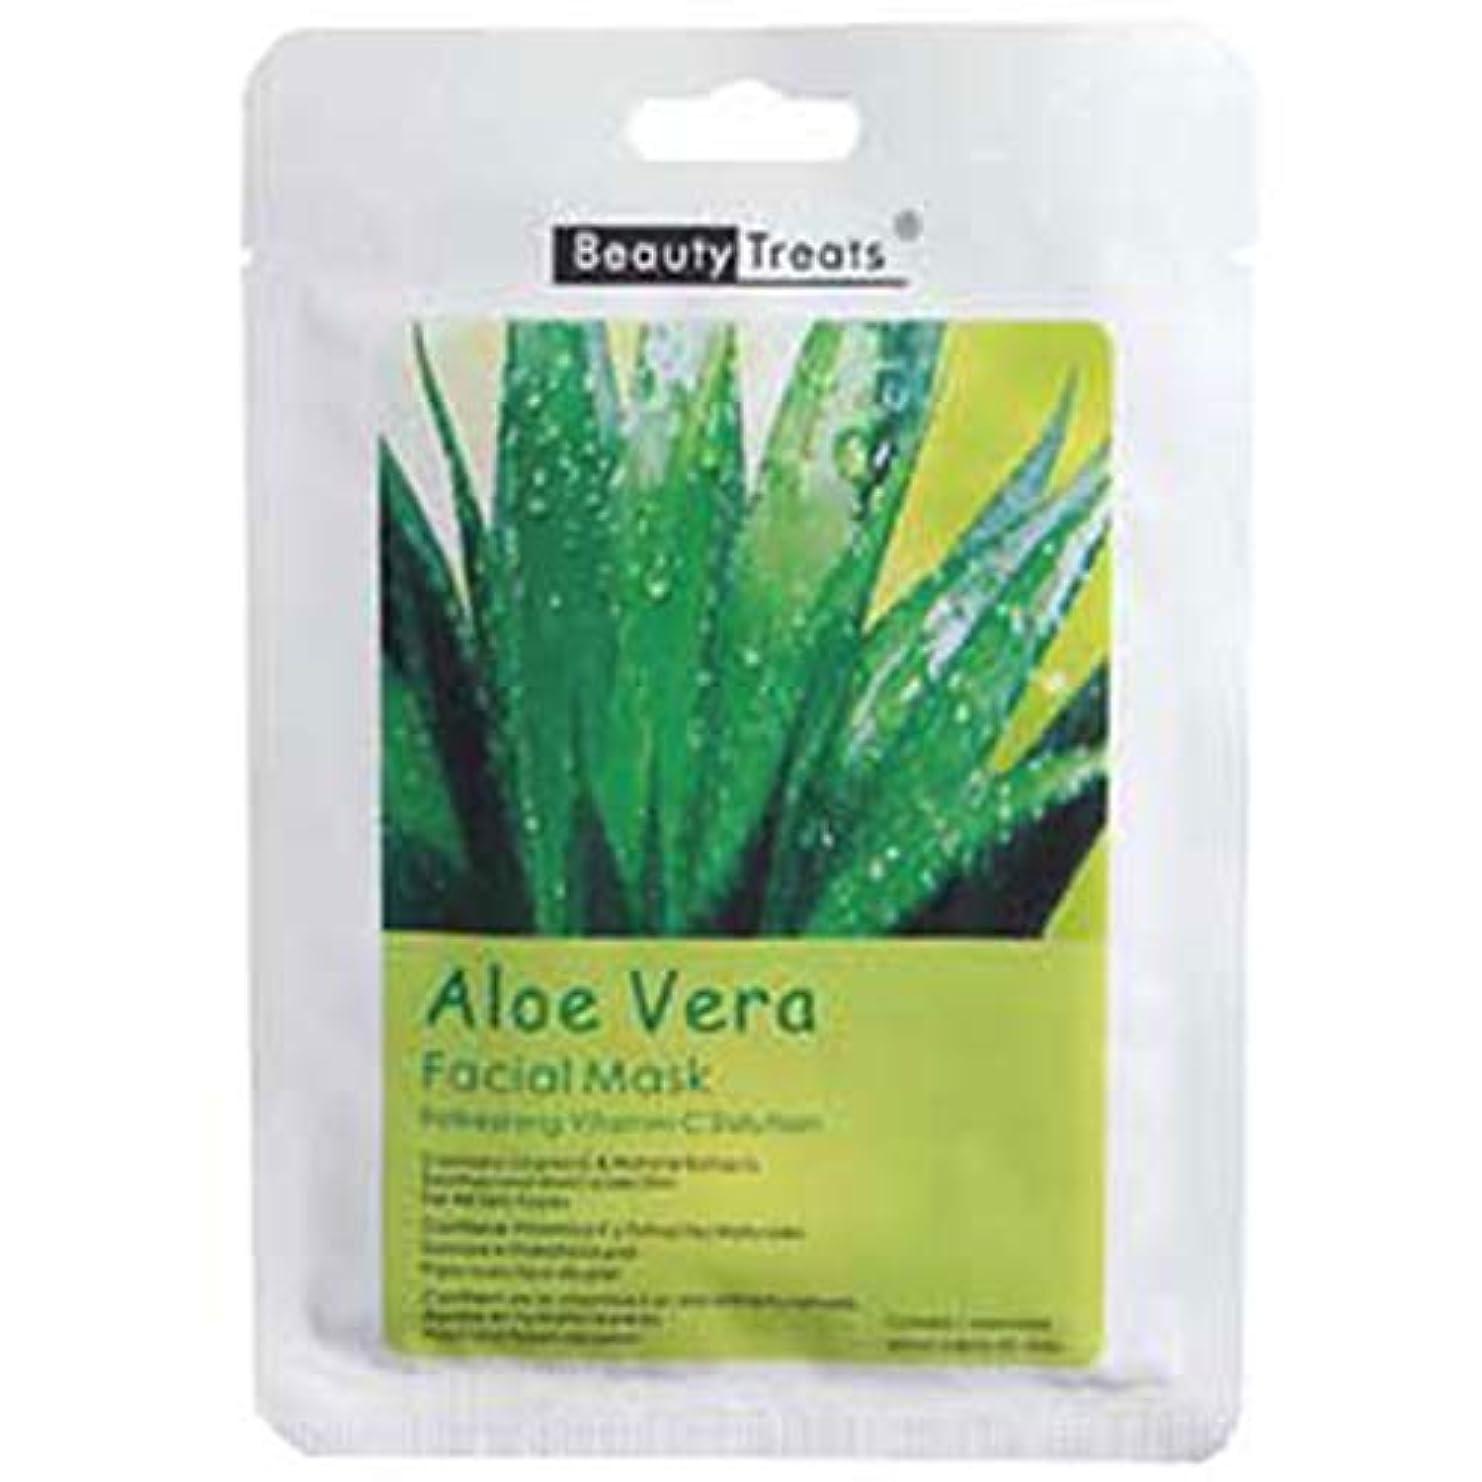 水を飲む愛する計算BEAUTY TREATS Facial Mask Refreshing Vitamin C Solution - Aloe Vera (並行輸入品)